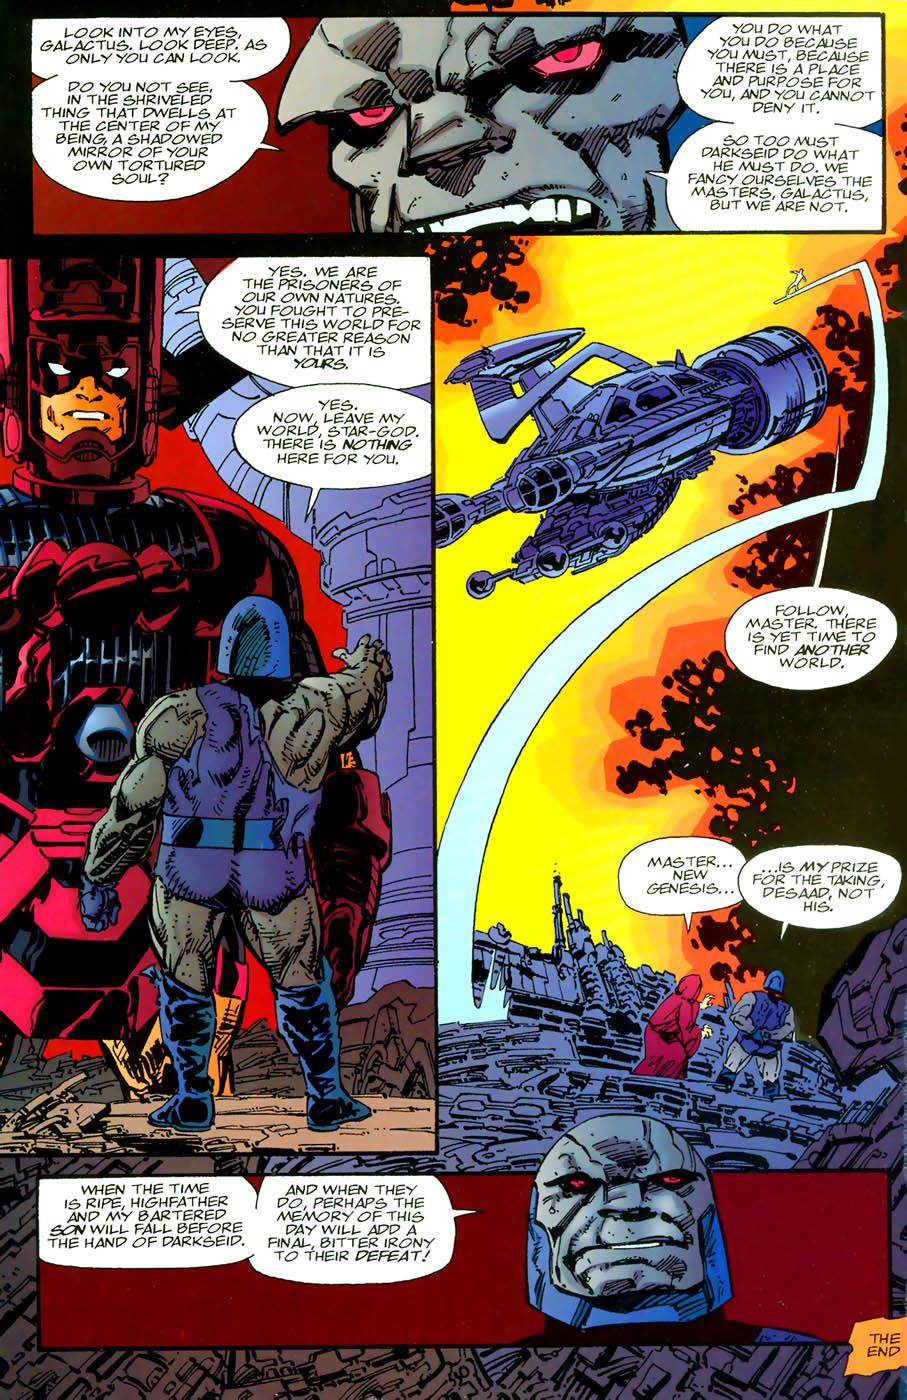 batman vs galactus